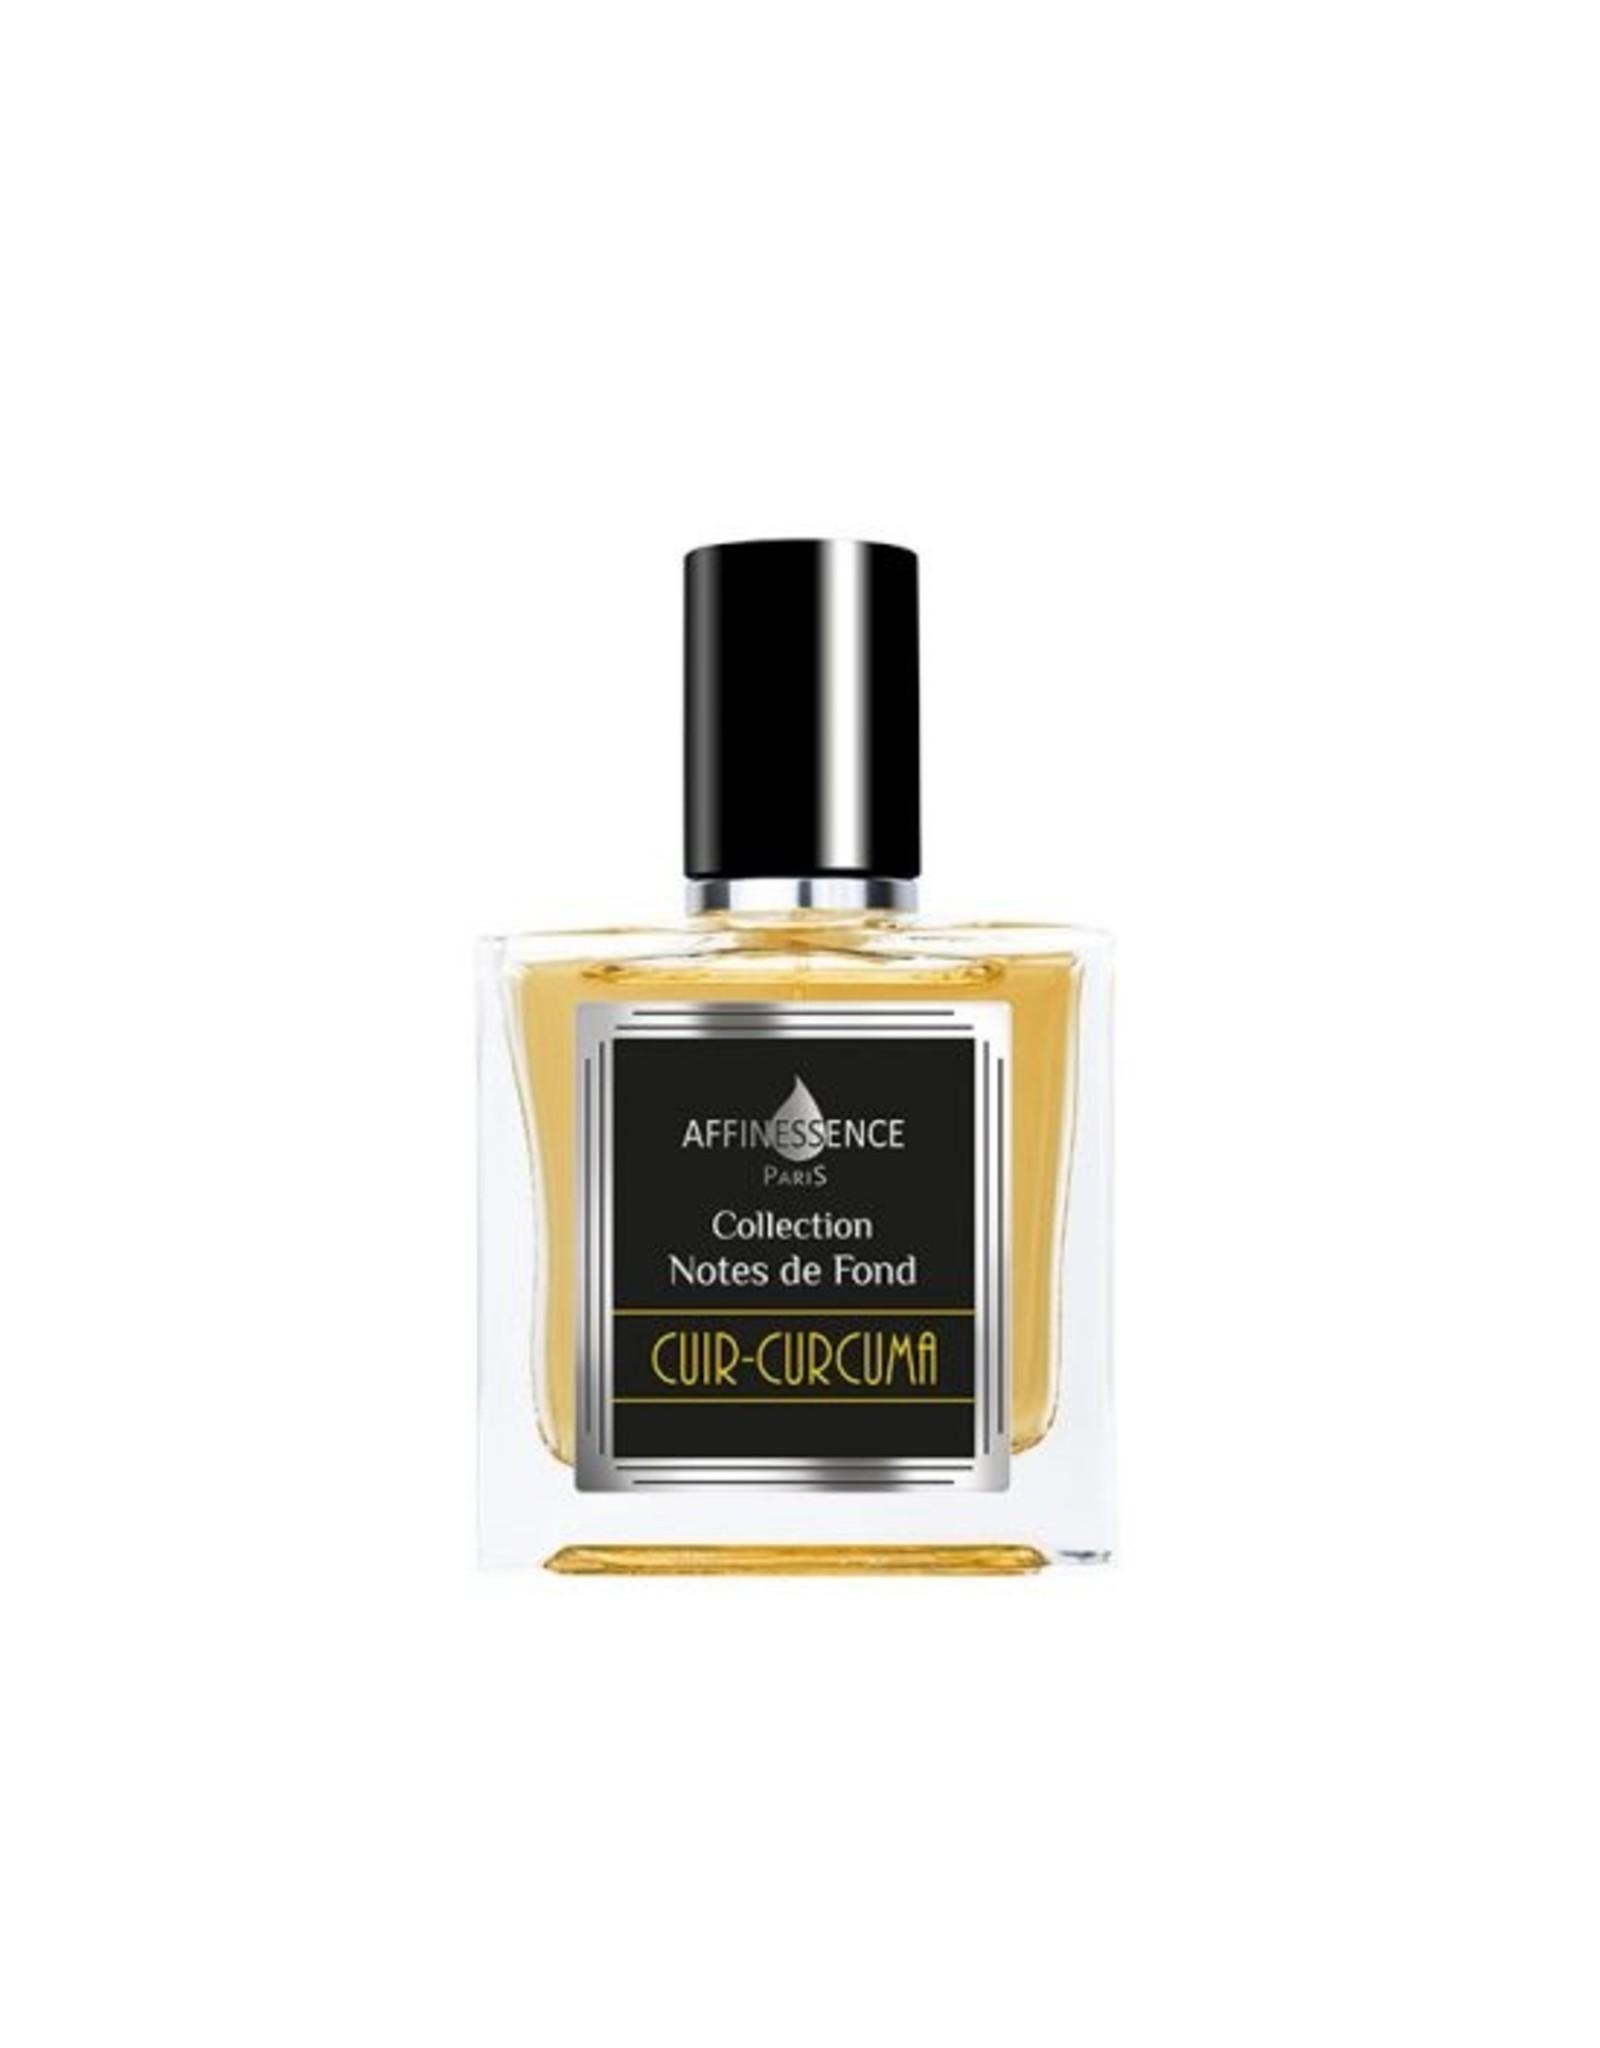 AFFINESSENCE Leather - Tumeric Eau De Parfum - Affinessence